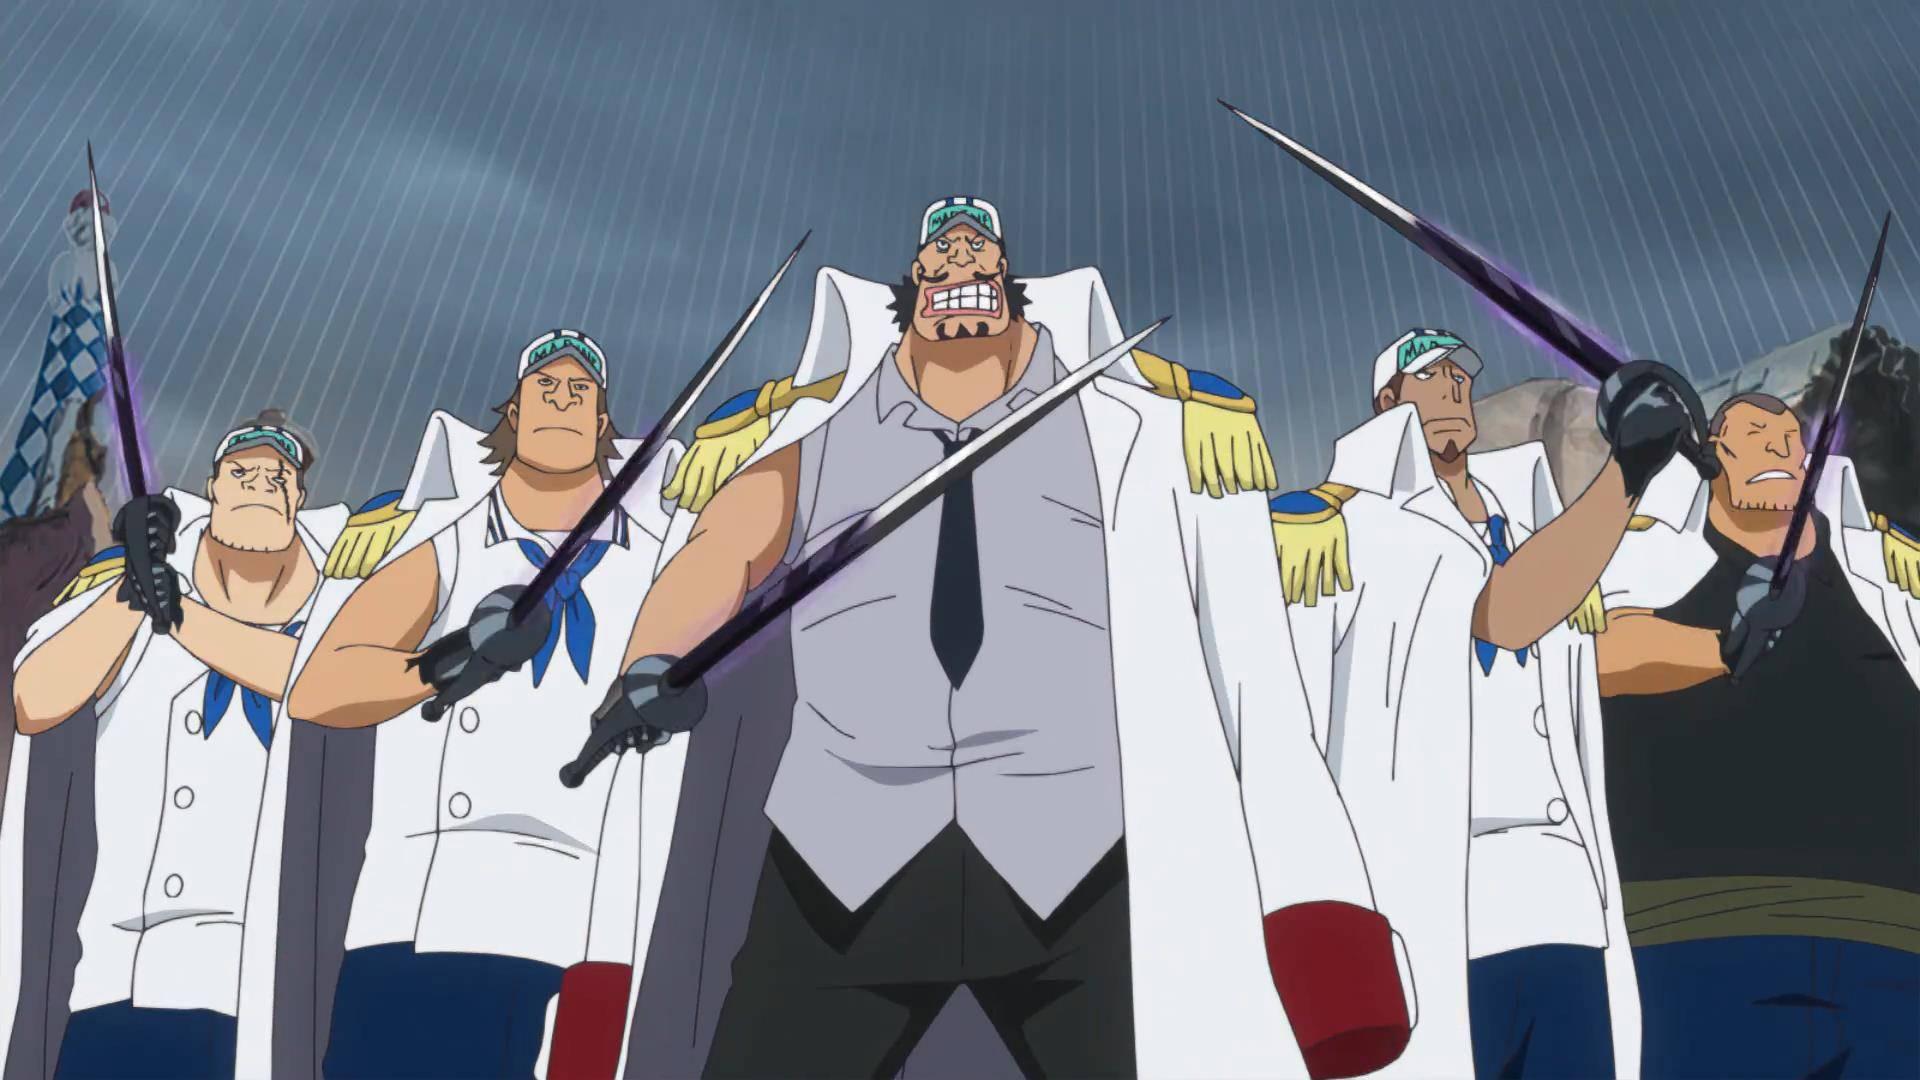 海贼王:为什么海军没有特战部队?原因有三点,海军就不需要